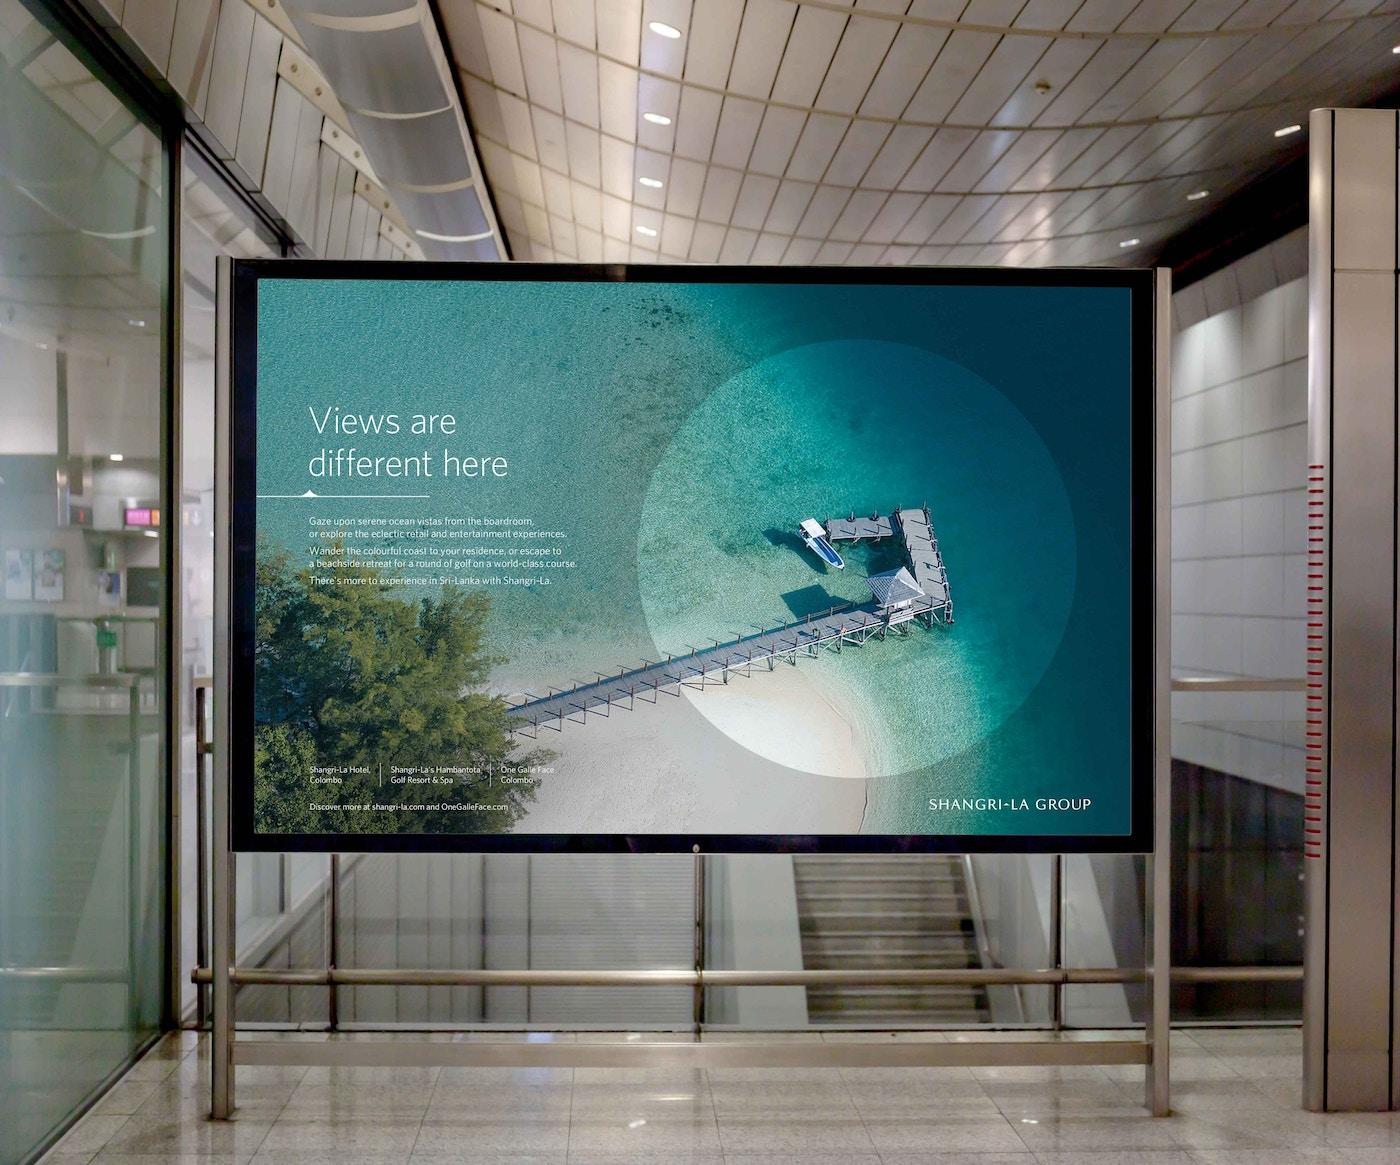 Shangri-La 옥외 광고판